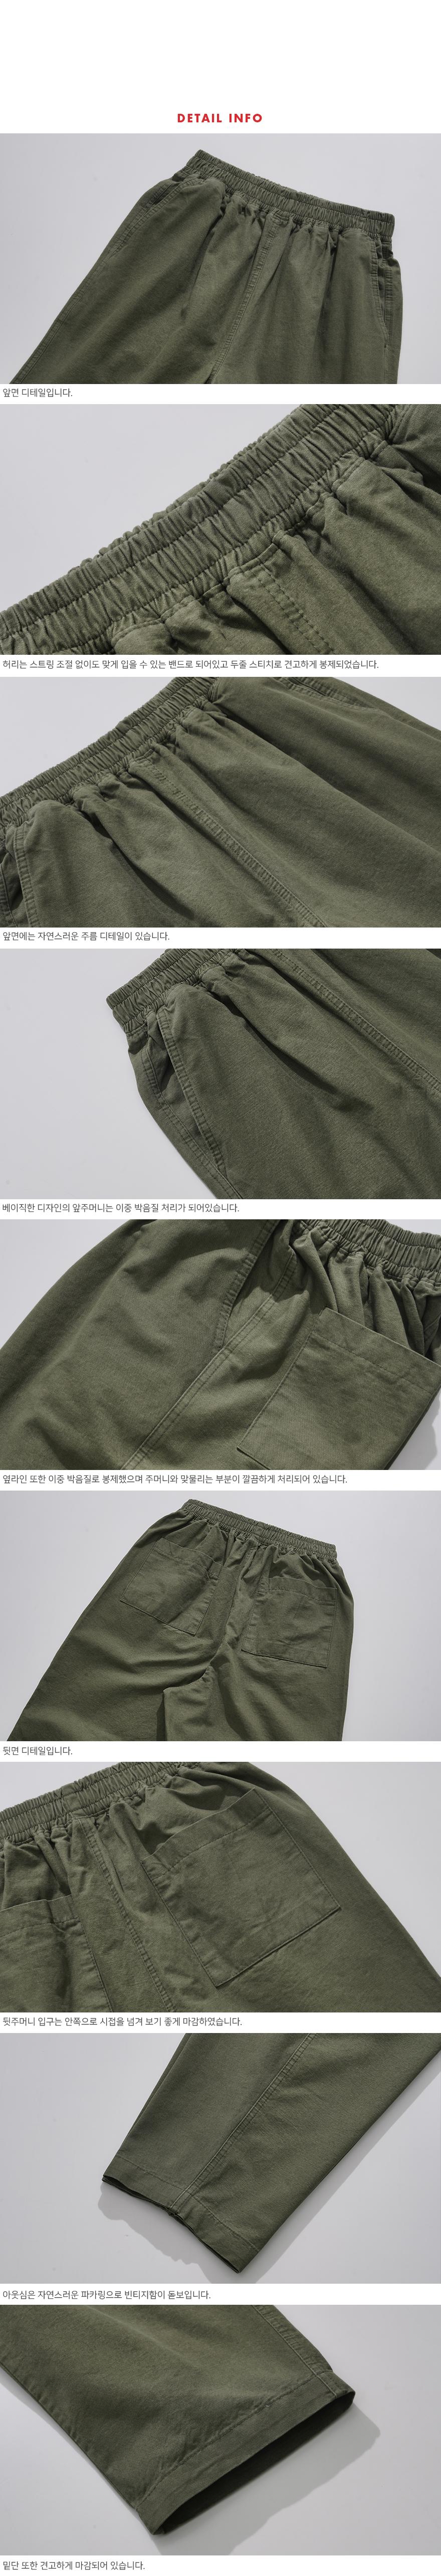 CJLP7471_detail_khaki_ji.jpg